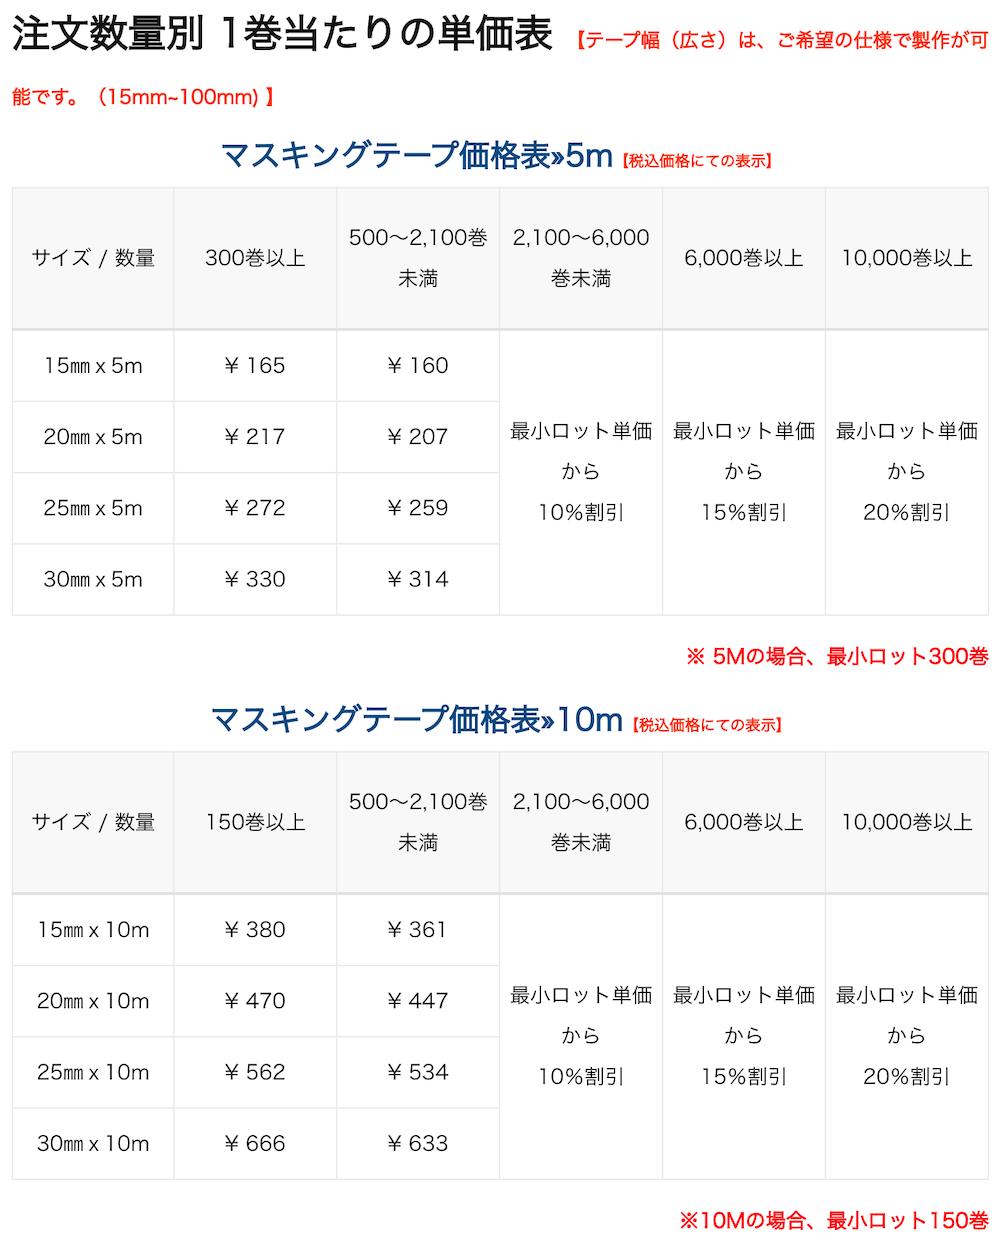 ミライテープの価格表